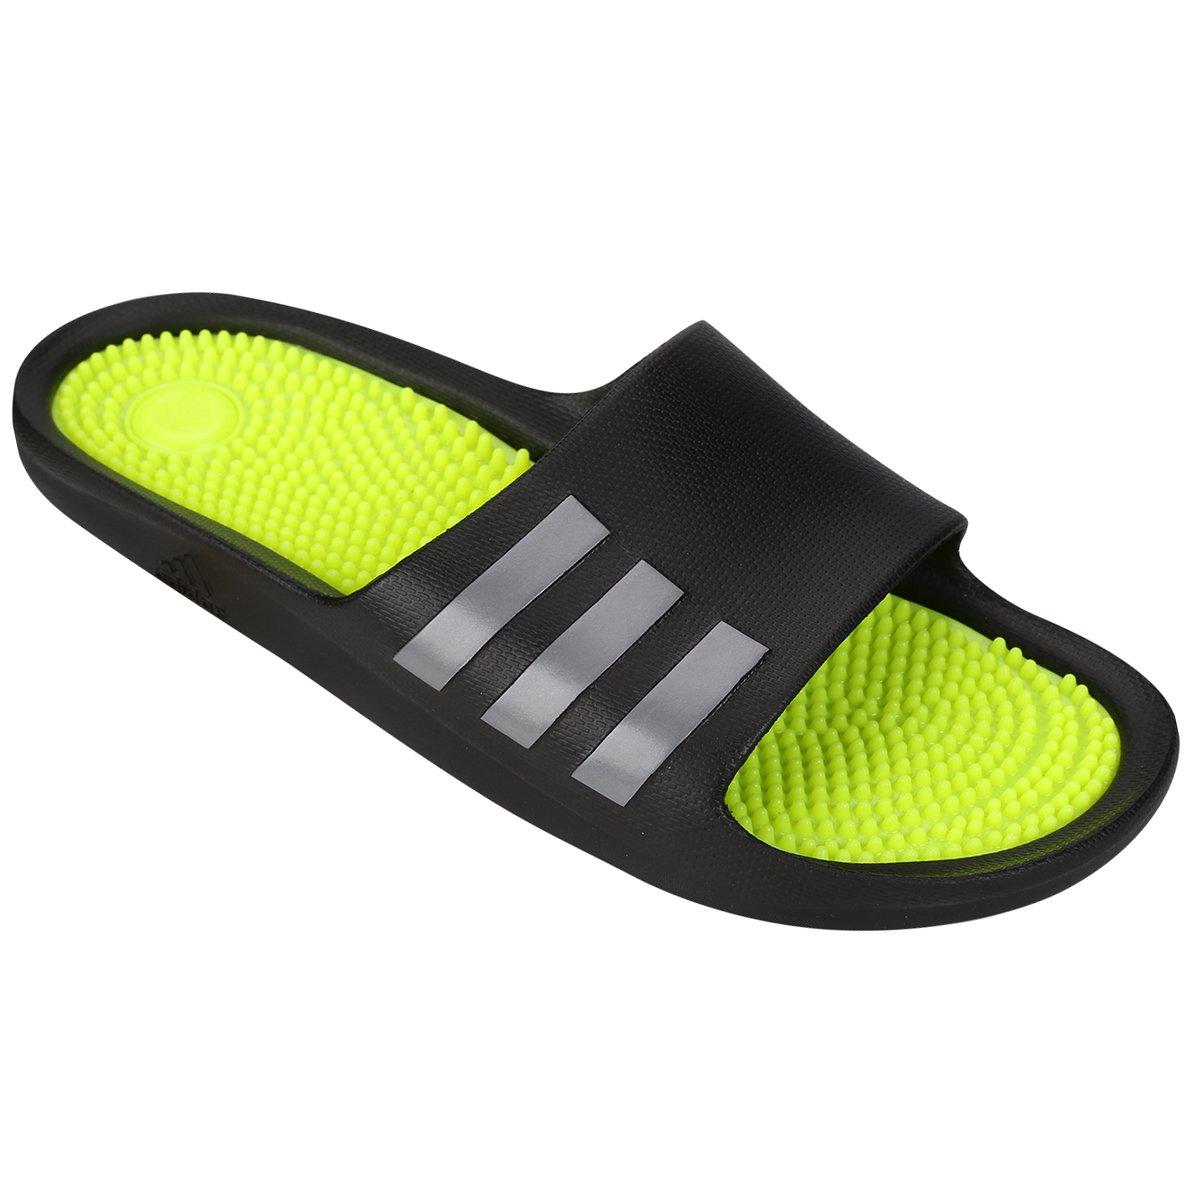 Chinelo DuramossageNetshoes Adidas Adidas DuramossageNetshoes Adidas Chinelo Chinelo DuramossageNetshoes Adidas Chinelo DuramossageNetshoes Adidas Chinelo IYf76gvbym